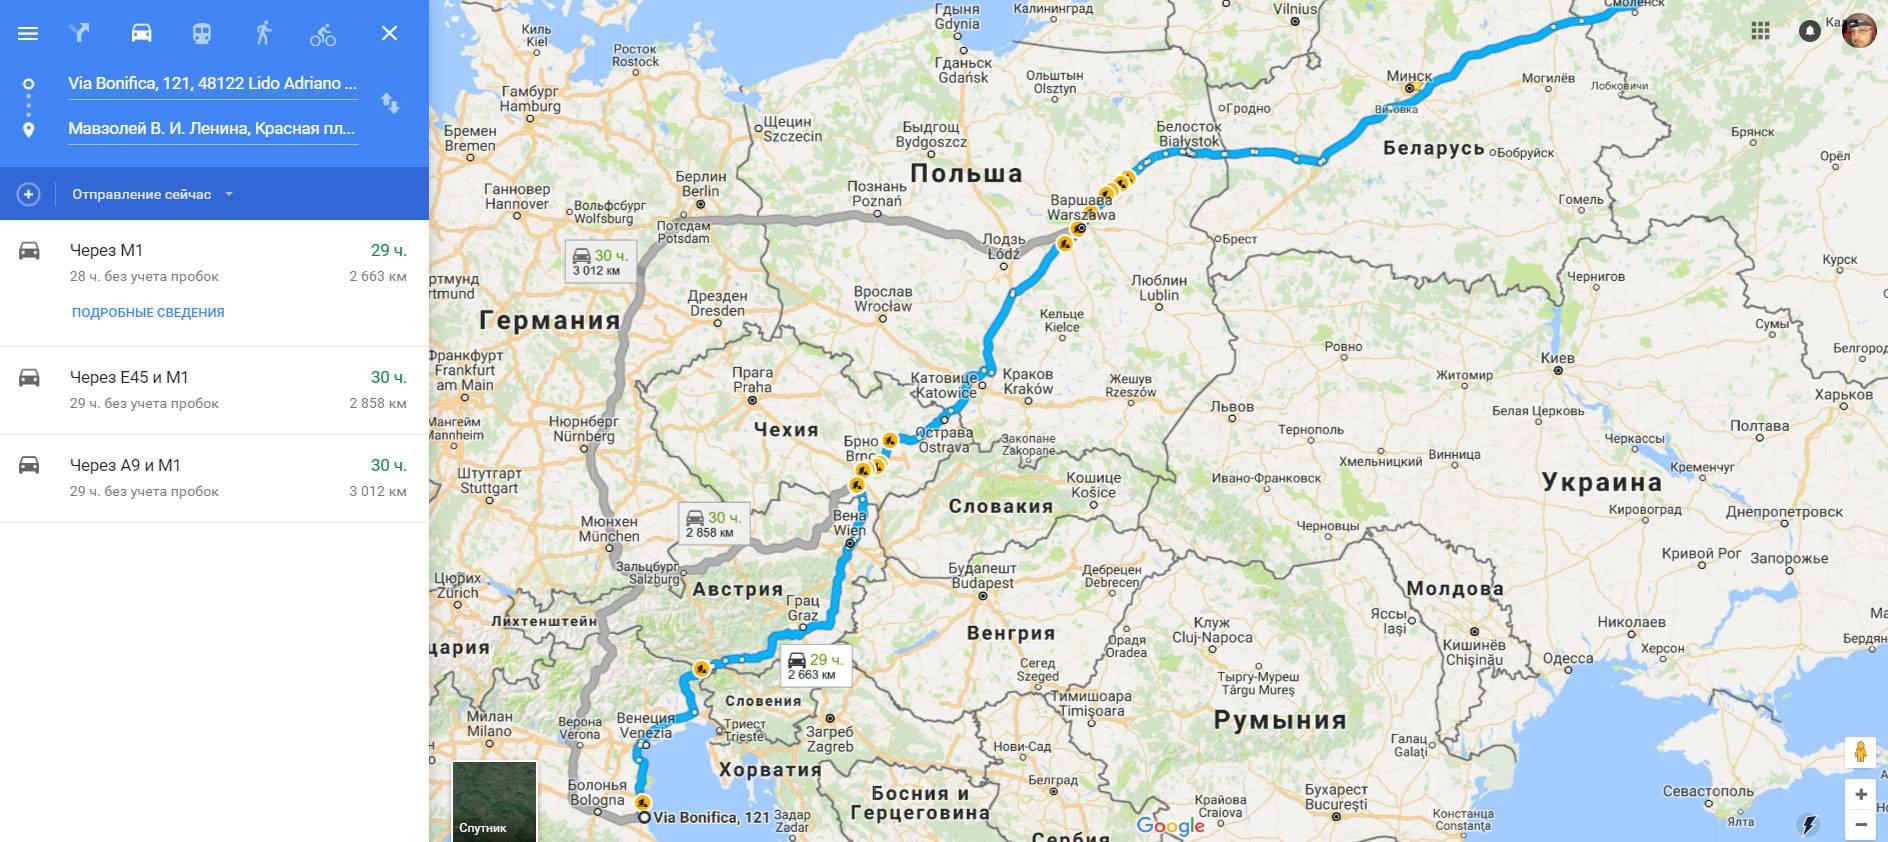 Проложенный маршрут от франкфурта-на-майне до праги